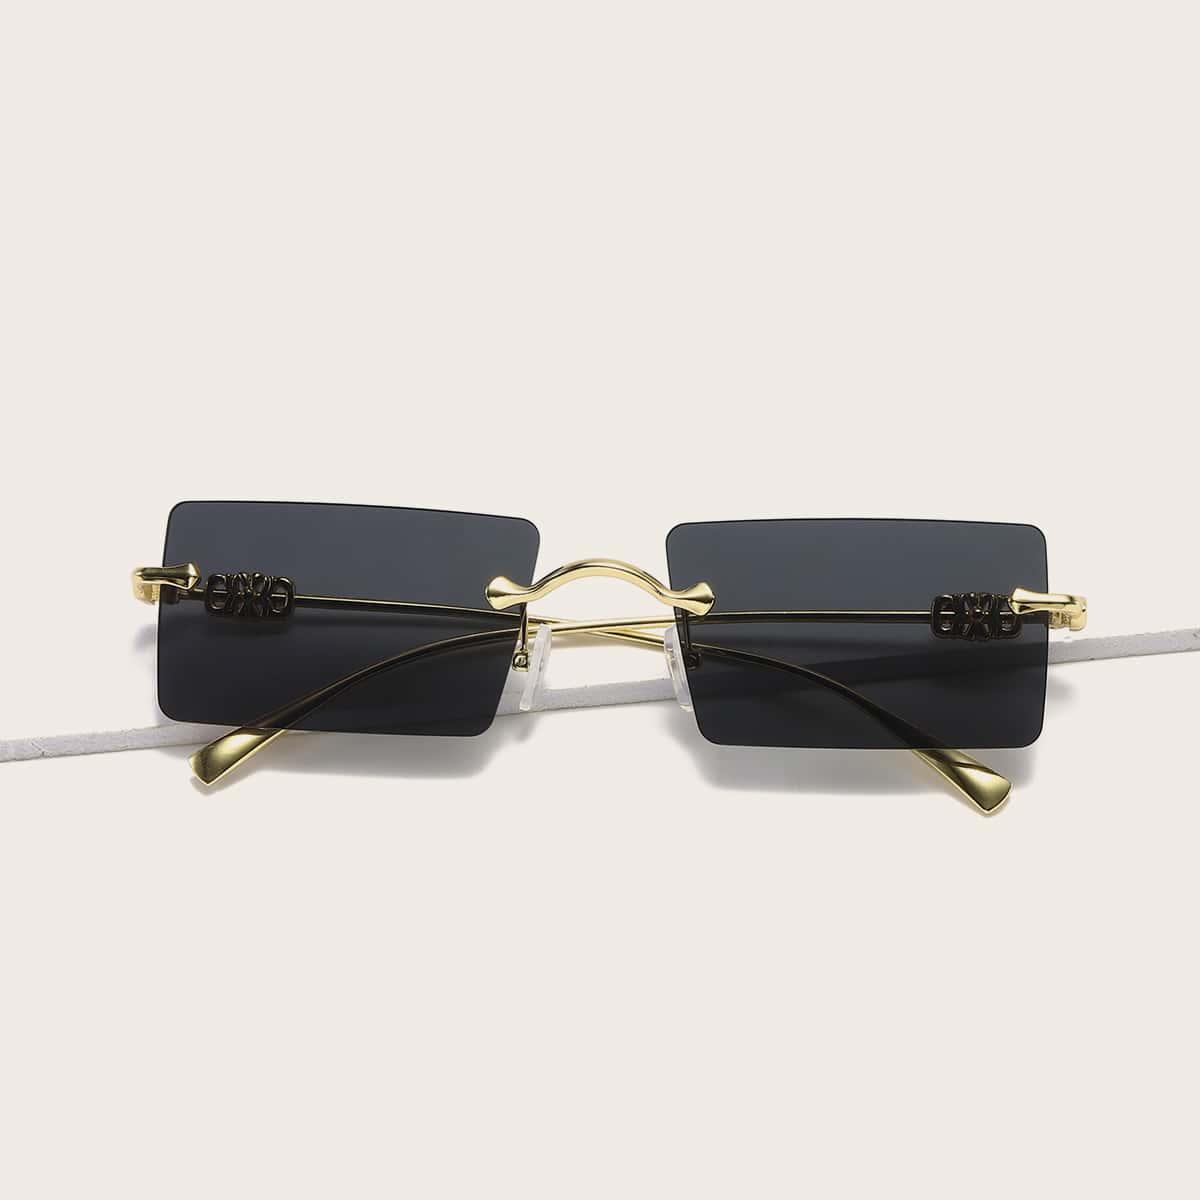 Солнцезащитные очки без оправы с прямоугольными линзами